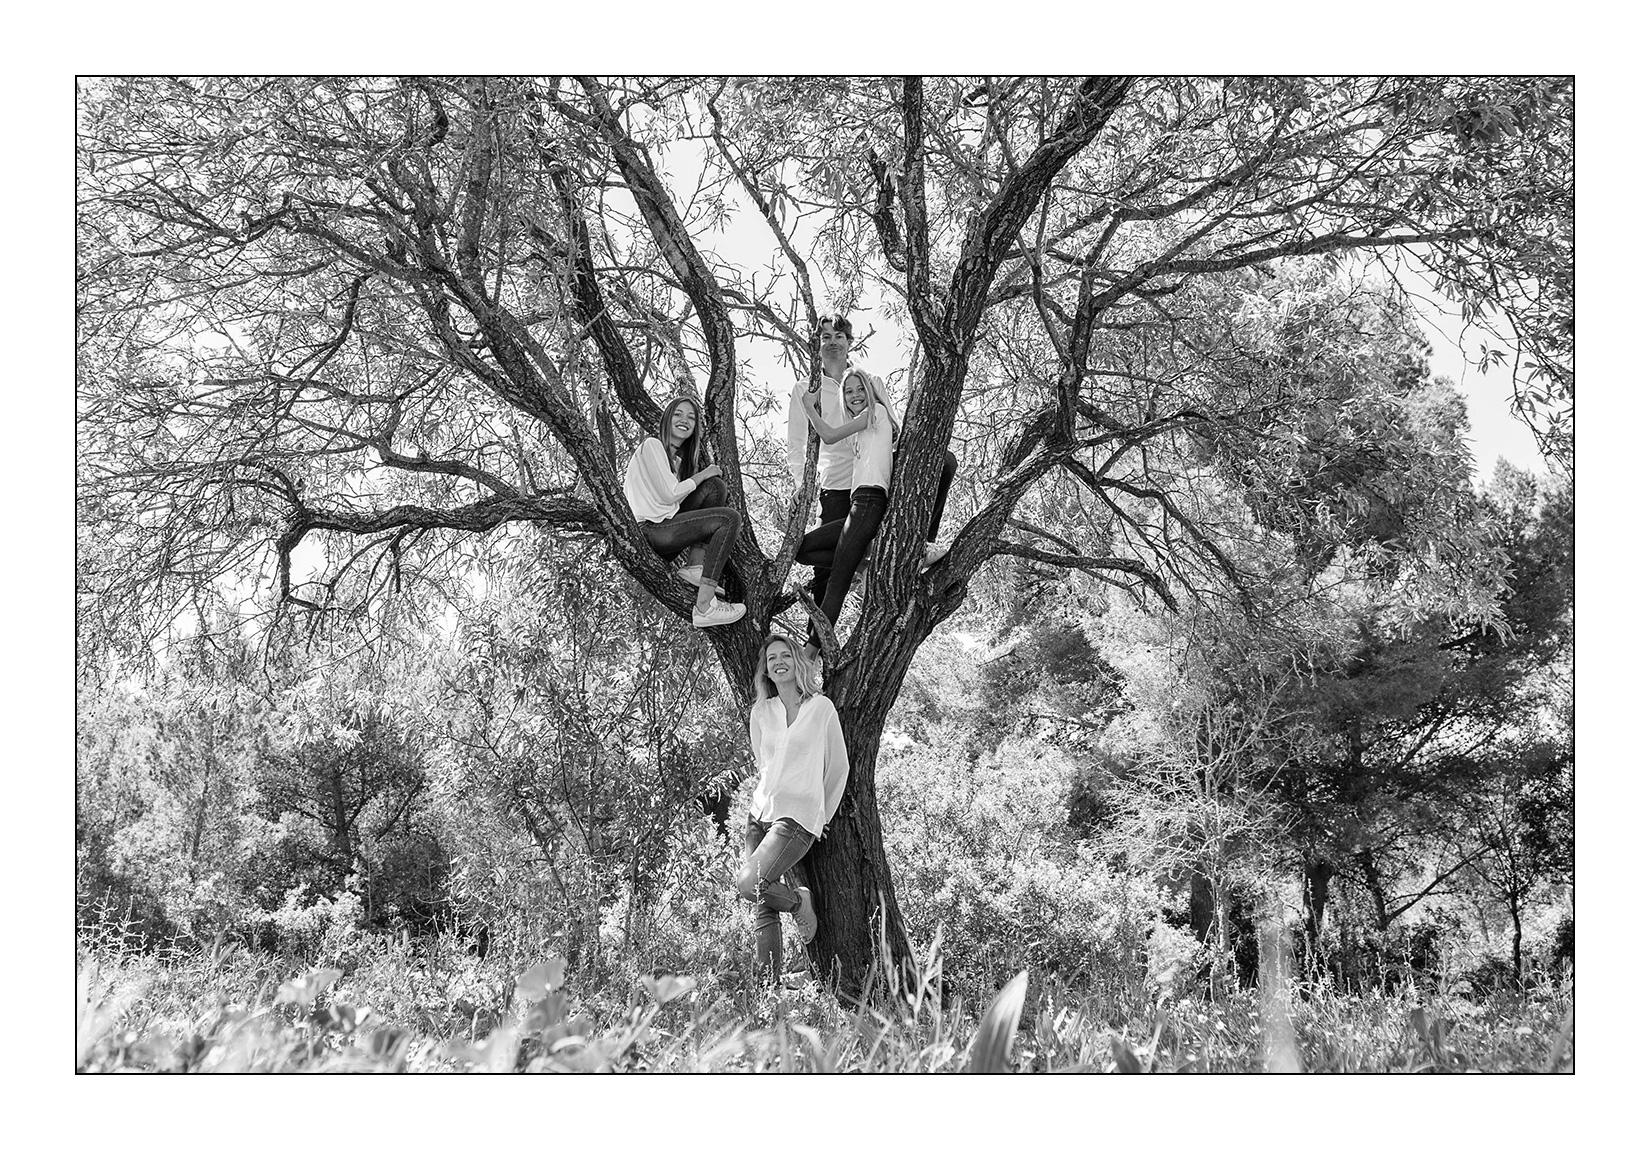 famille-arbre-nature-fille-parent-seance-photo-pleine-conscience-noir-blanc-aresquiers-bois